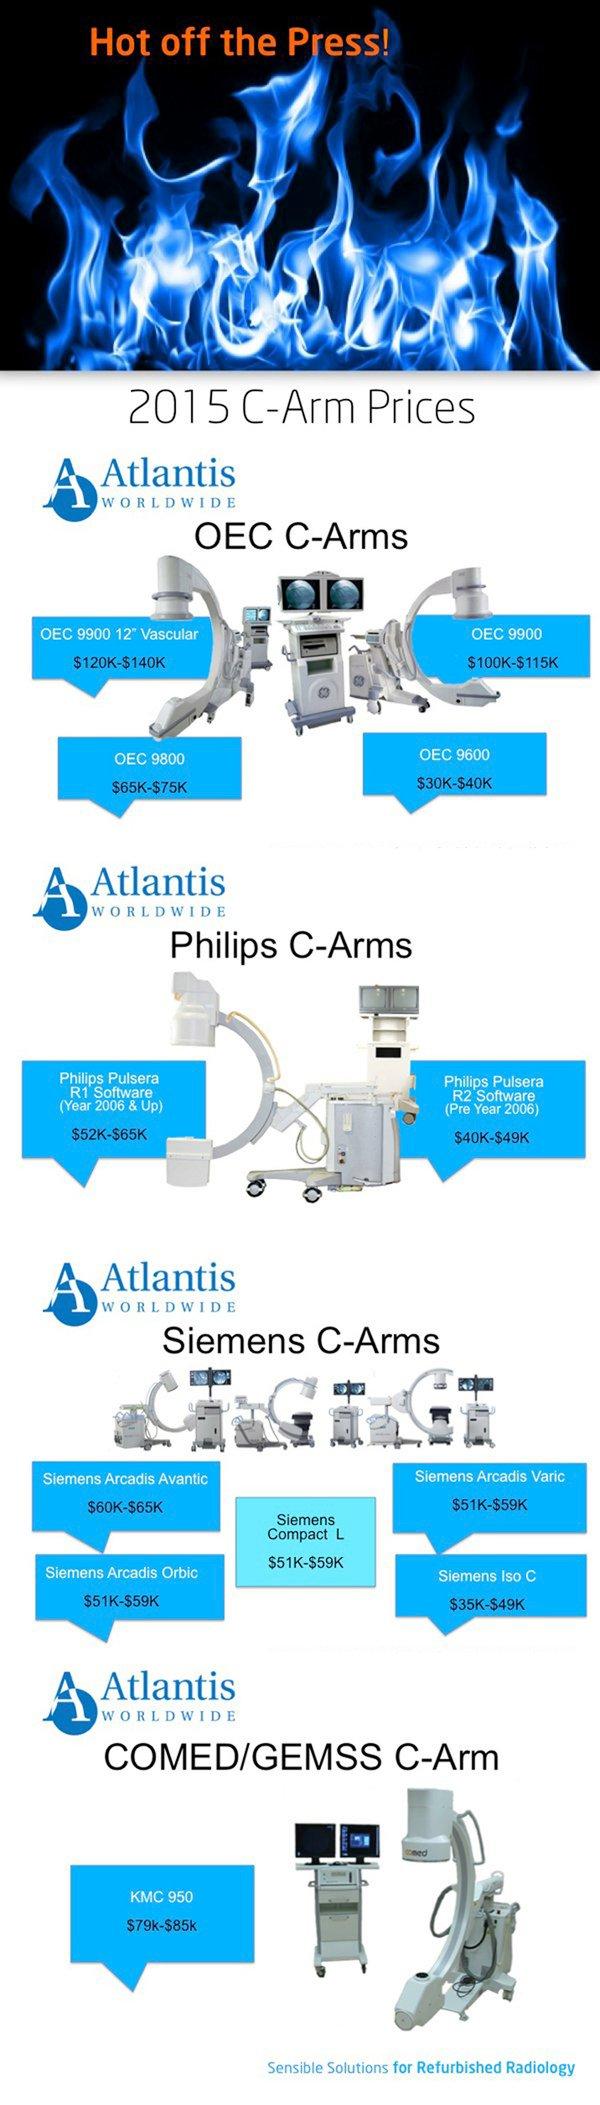 2015_C-Arm_Prices_infographic_1